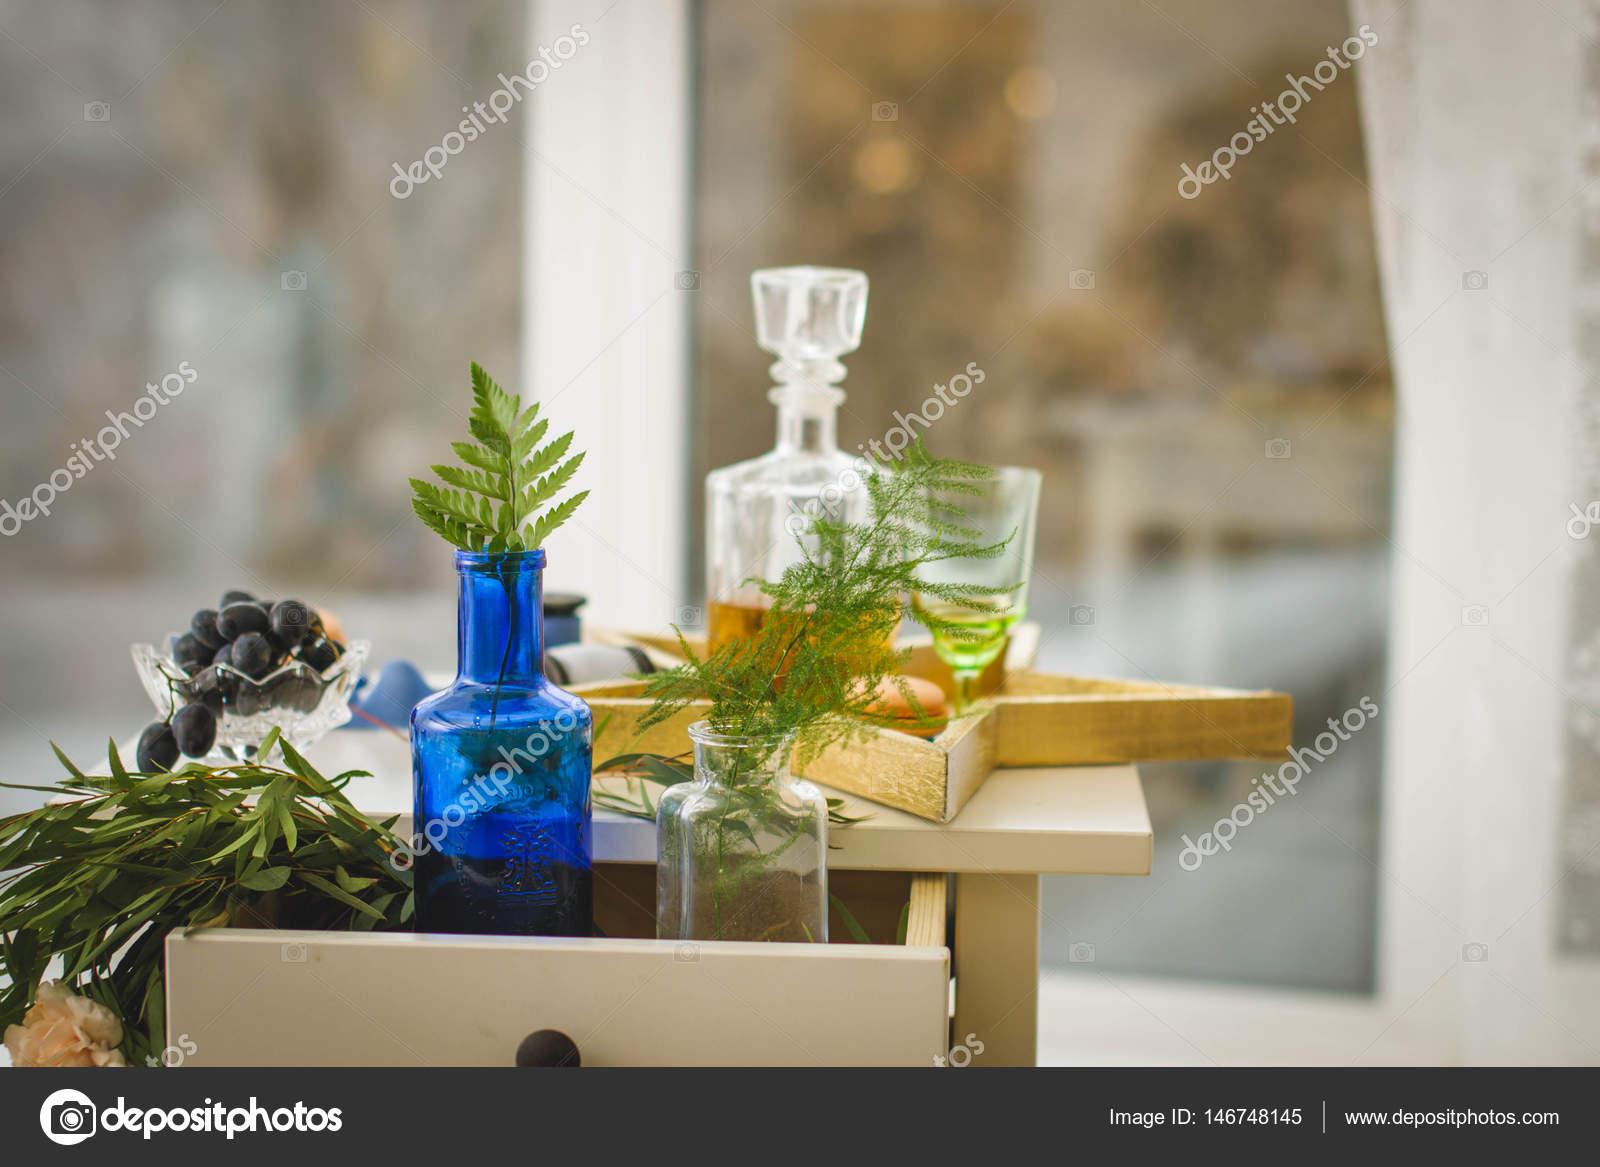 Studio bruiloft design en decoratie u2014 stockfoto © konstantin1985